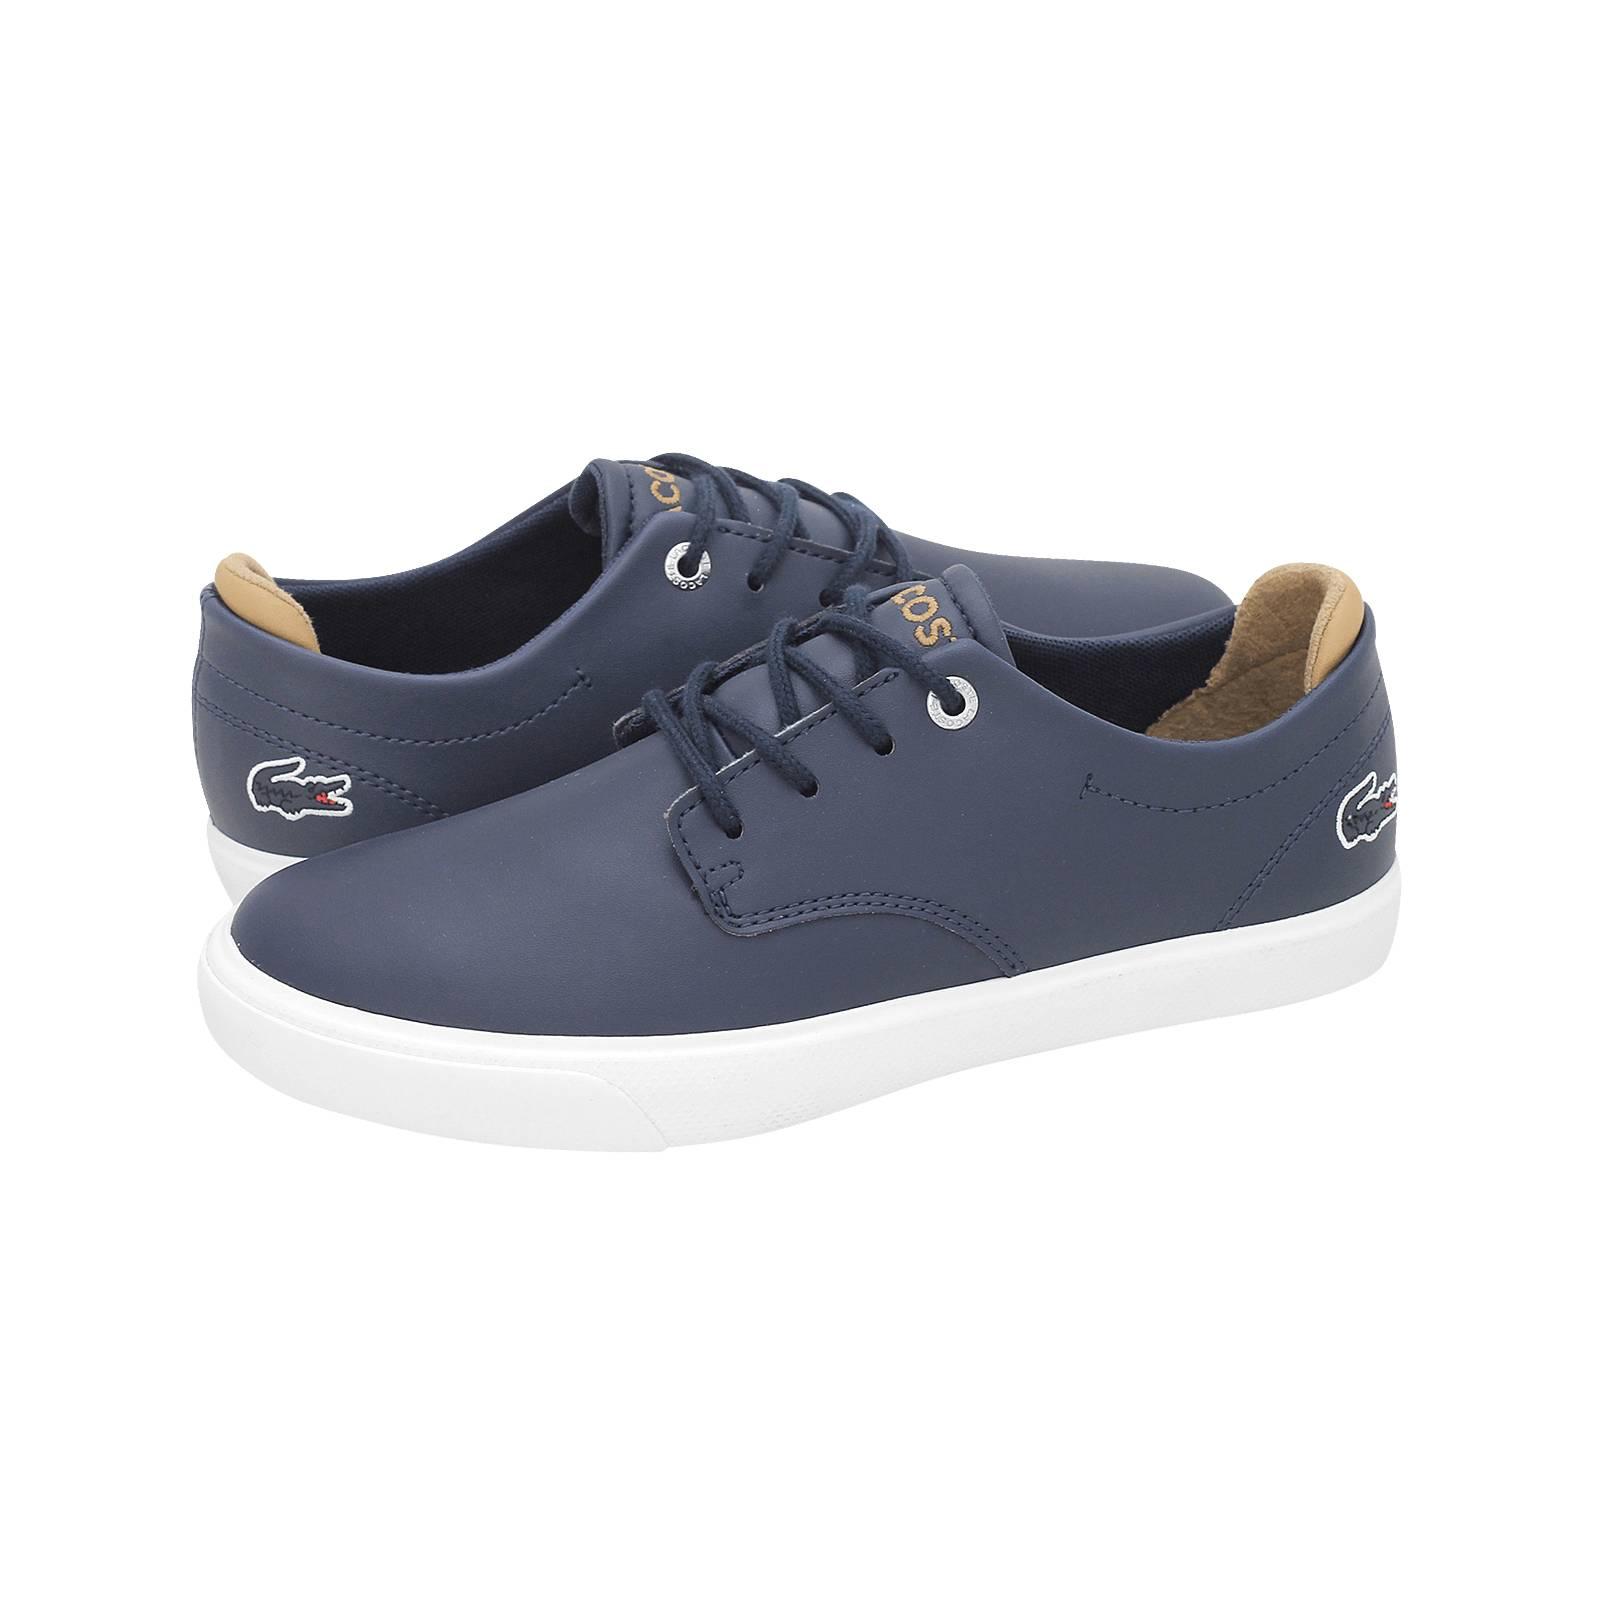 Esparre 118 1 - Παιδικά παπούτσια casual Lacoste από δερμα συνθετικο ... 4374039a2e7